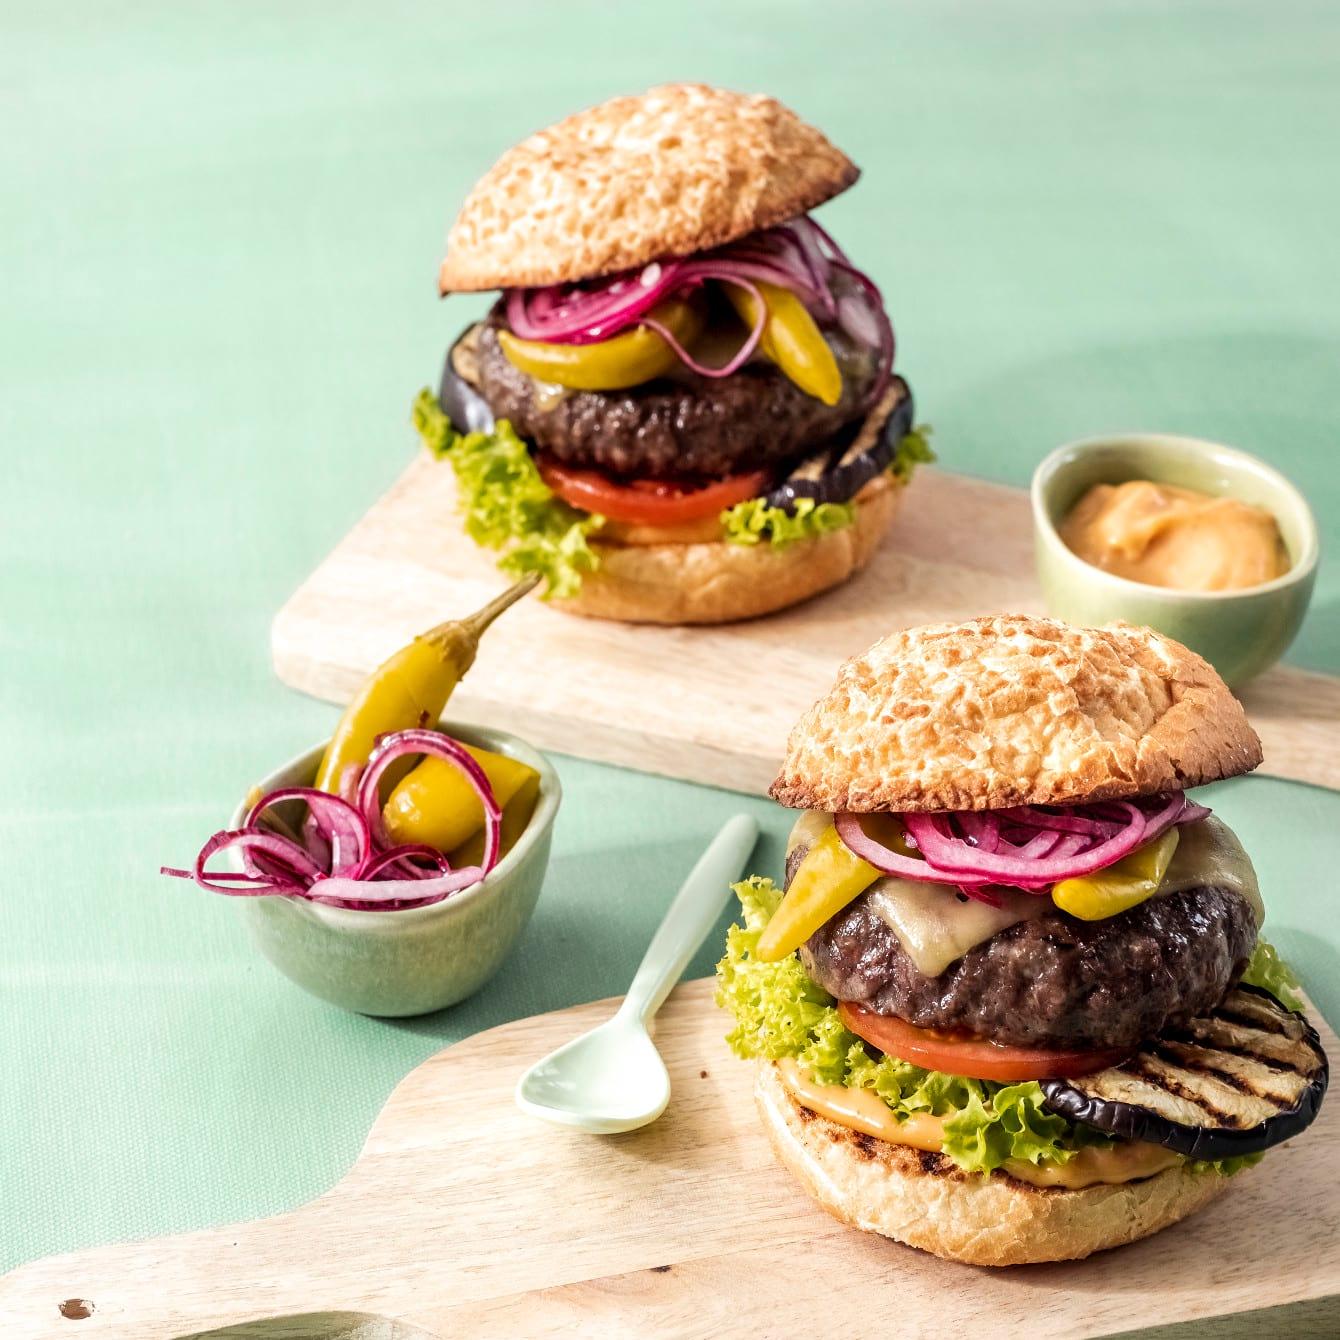 Black Angus cheeseburgers met sambasaus en ingelegde groene peper